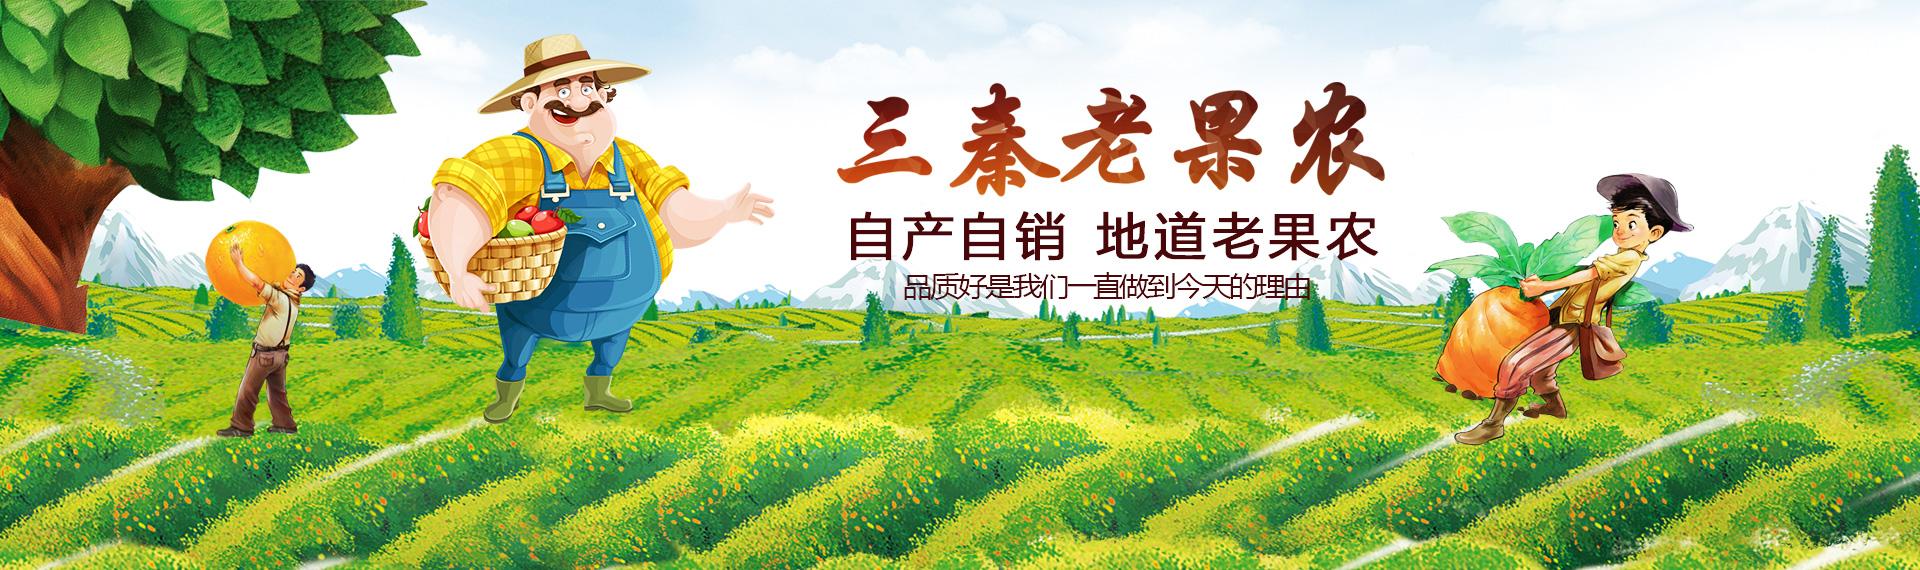 陕西小黄蜂电子商务有限公司